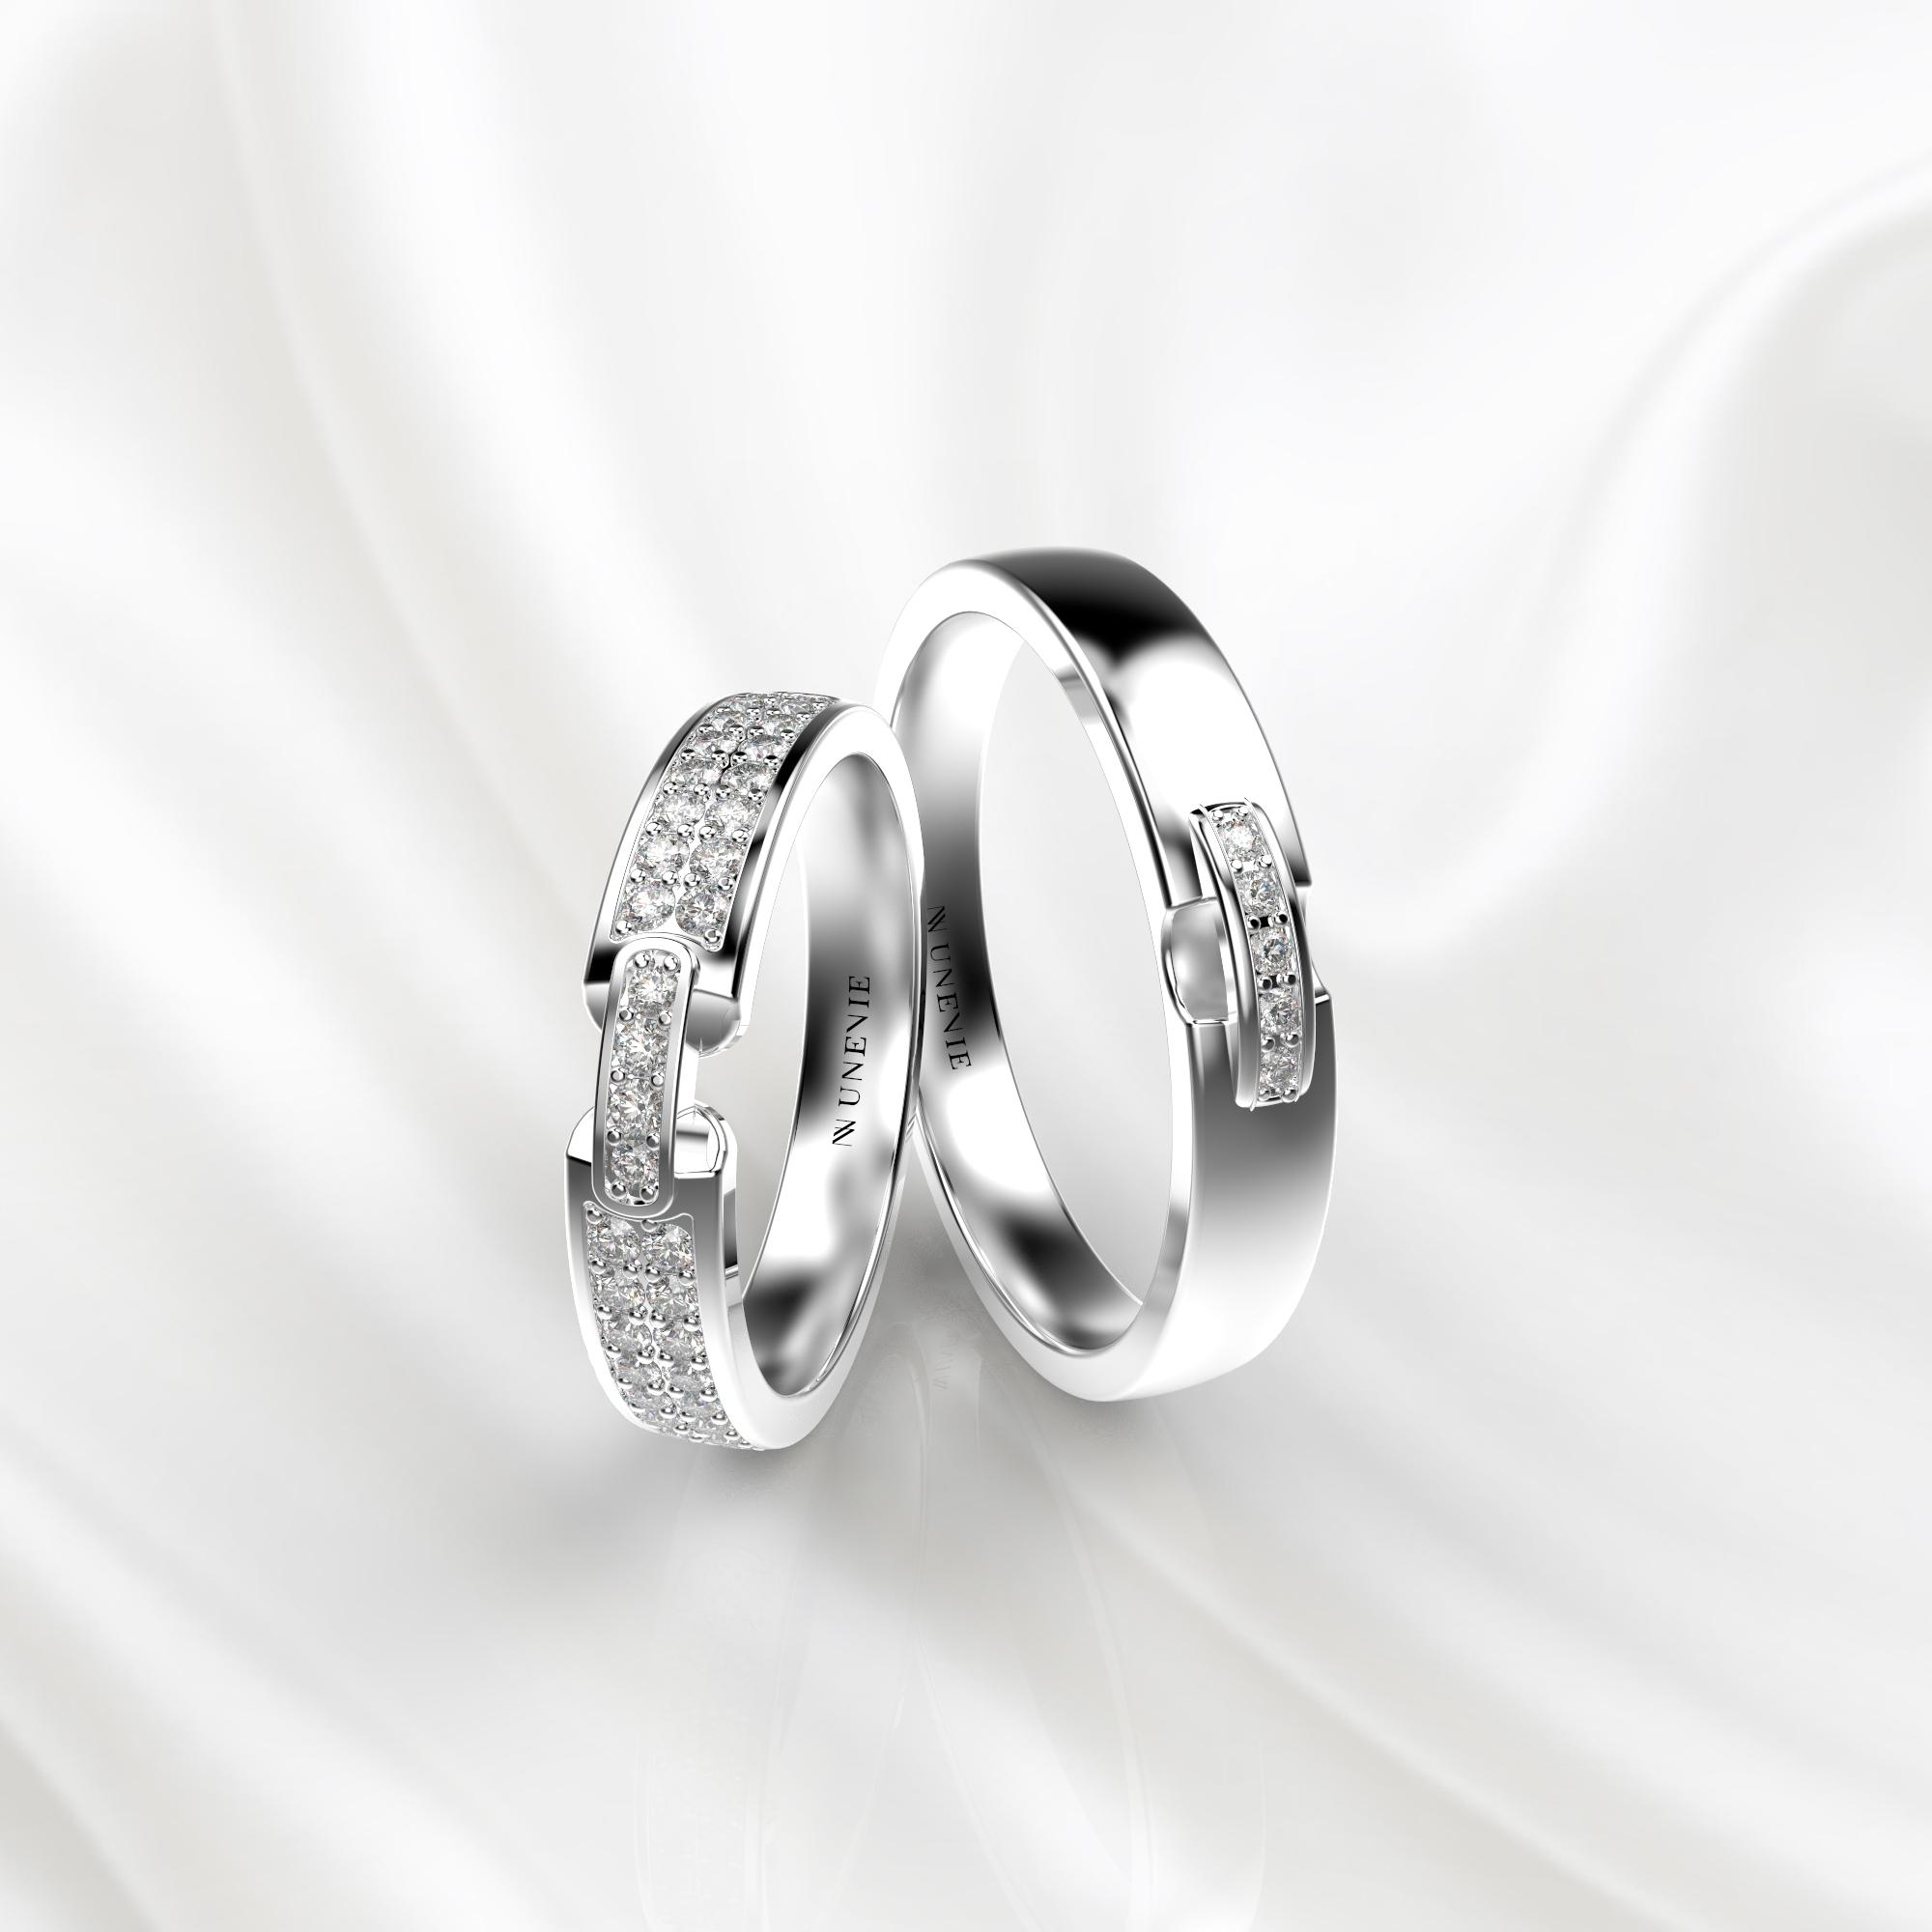 NV66 Парные обручальные кольца из белого золота с бриллиантами